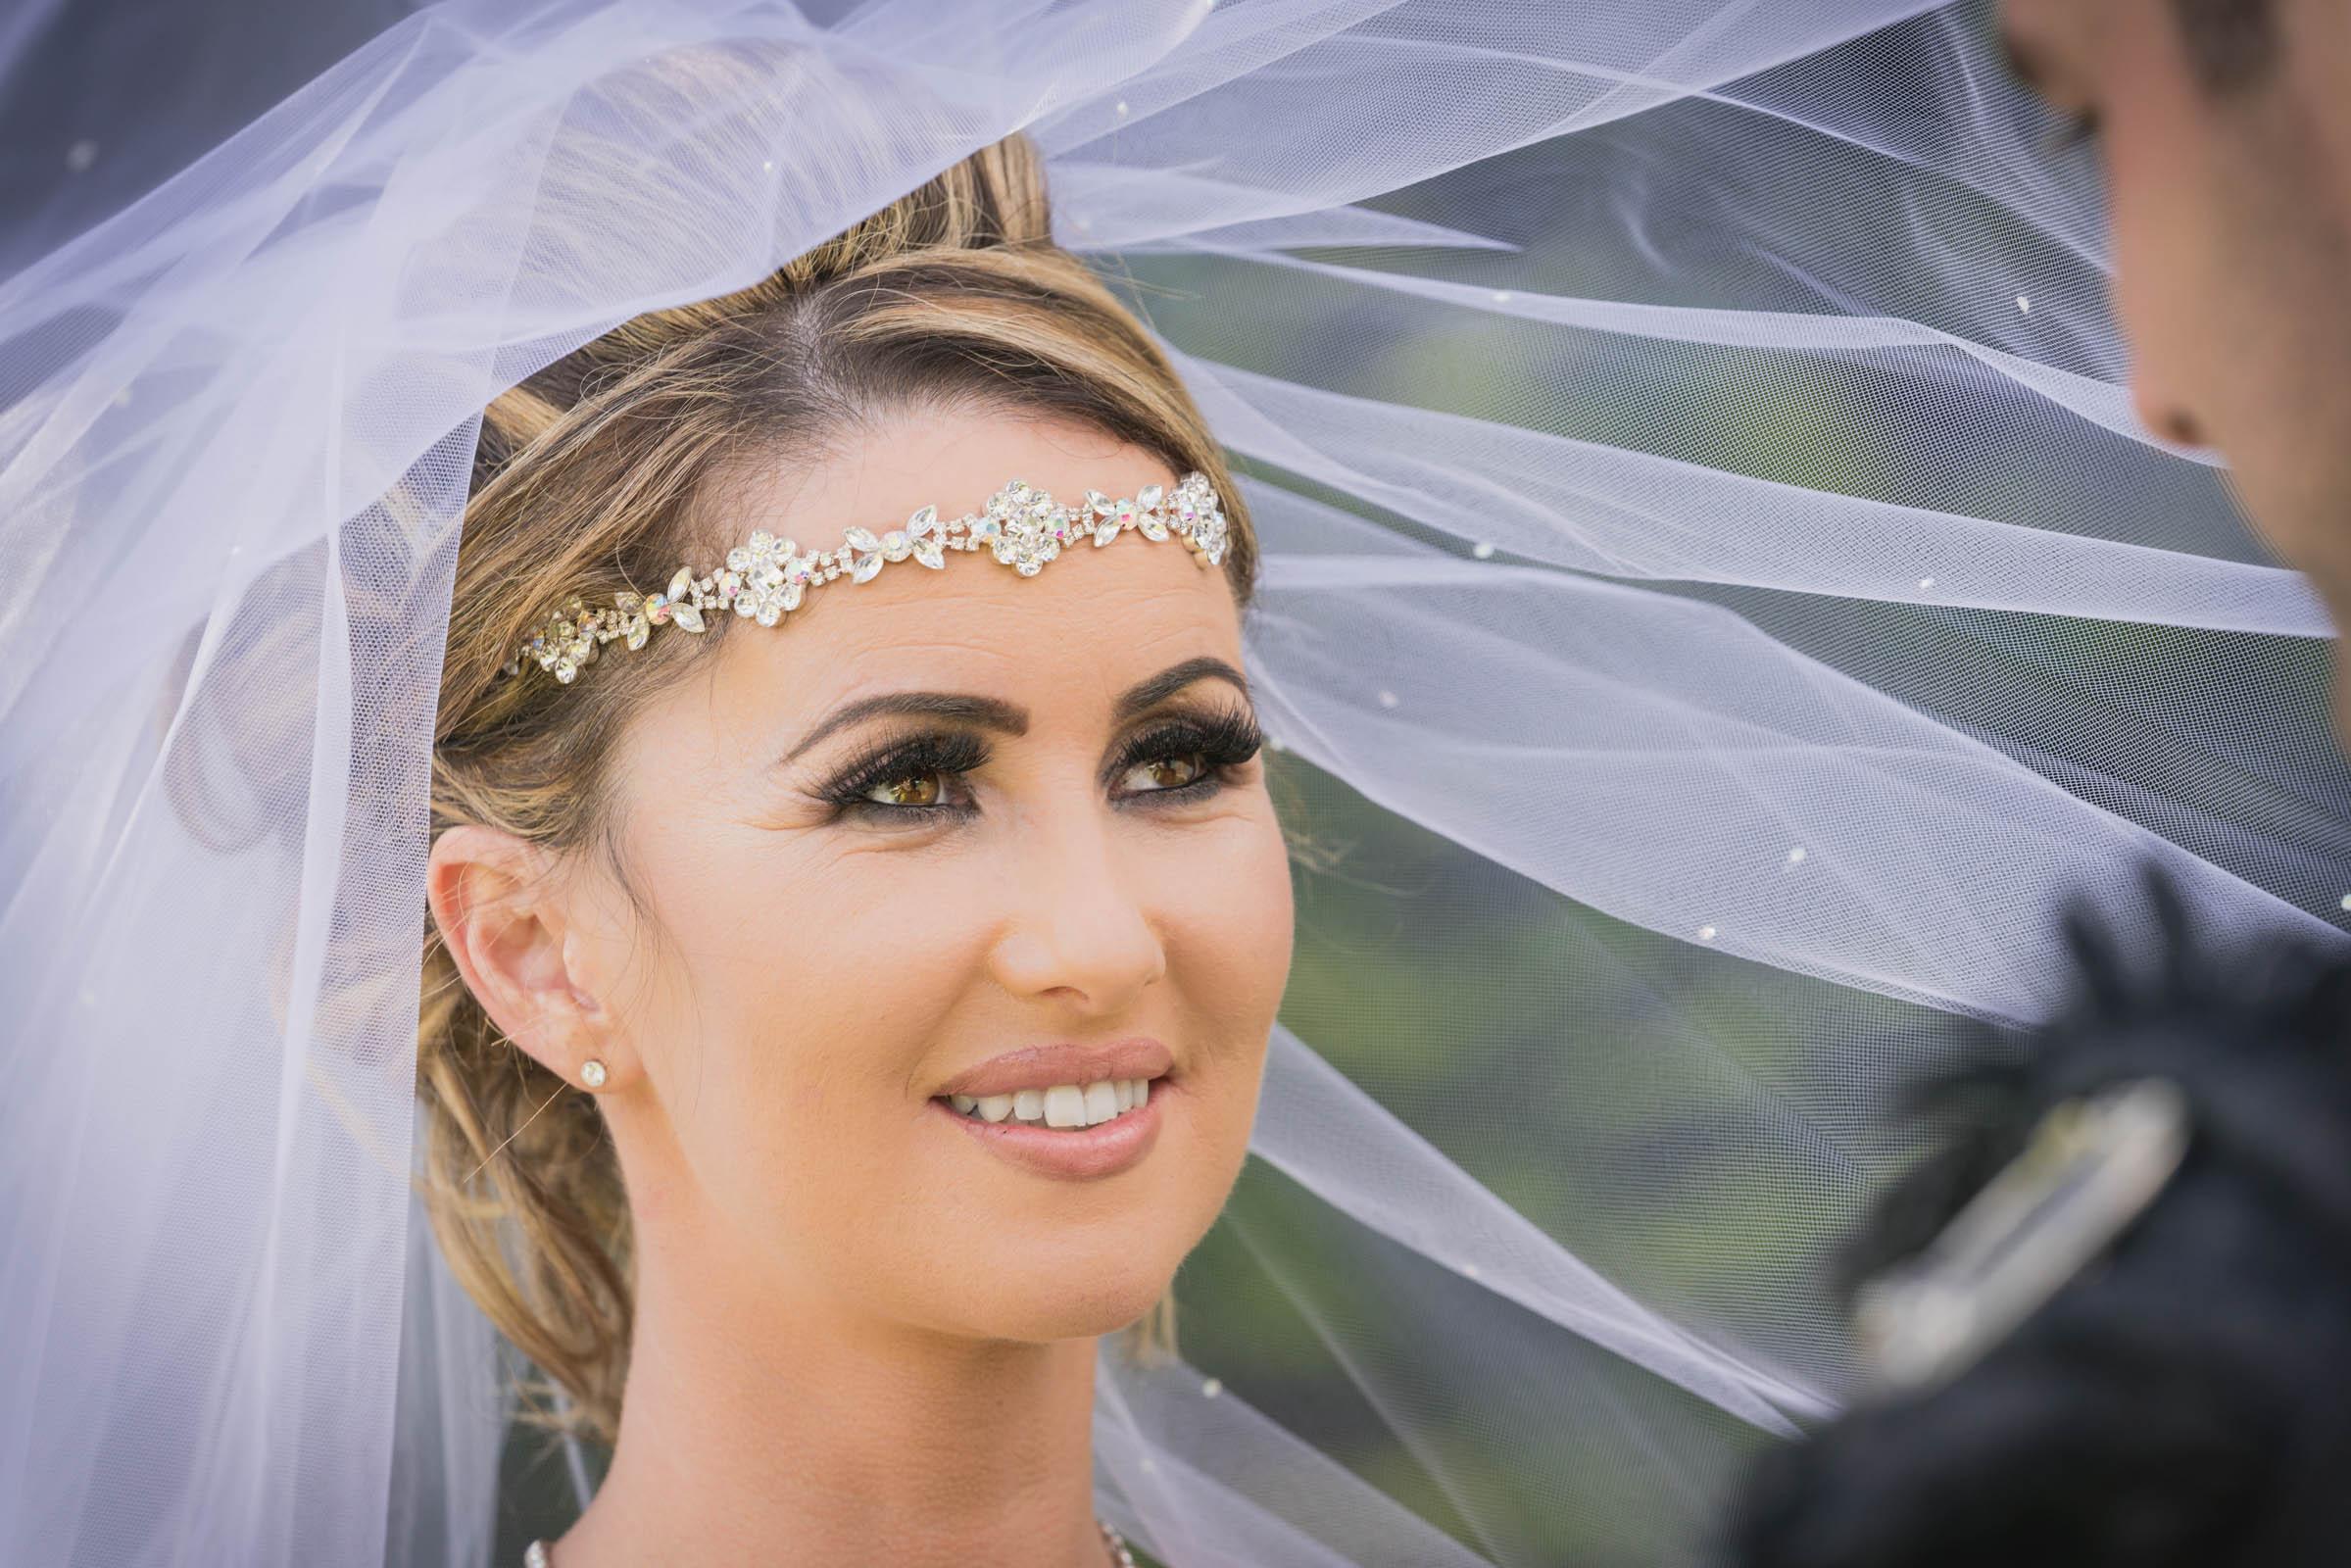 dalmeny-park-glasgow-wedding-dearlyphotography (10 of 16).jpg